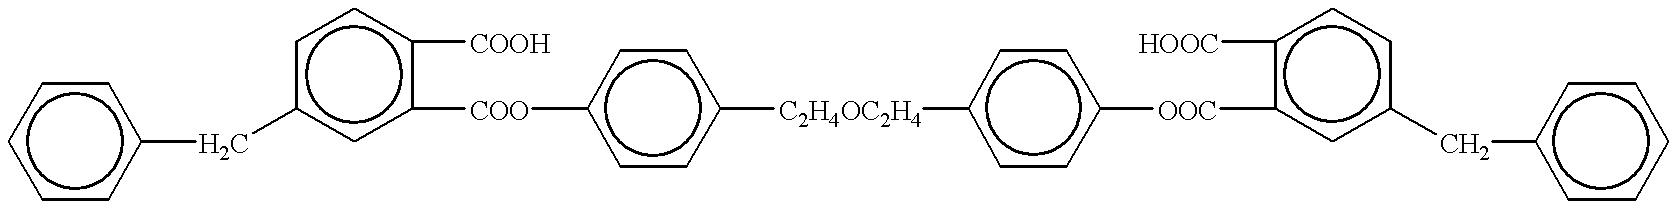 Figure US06180560-20010130-C00216